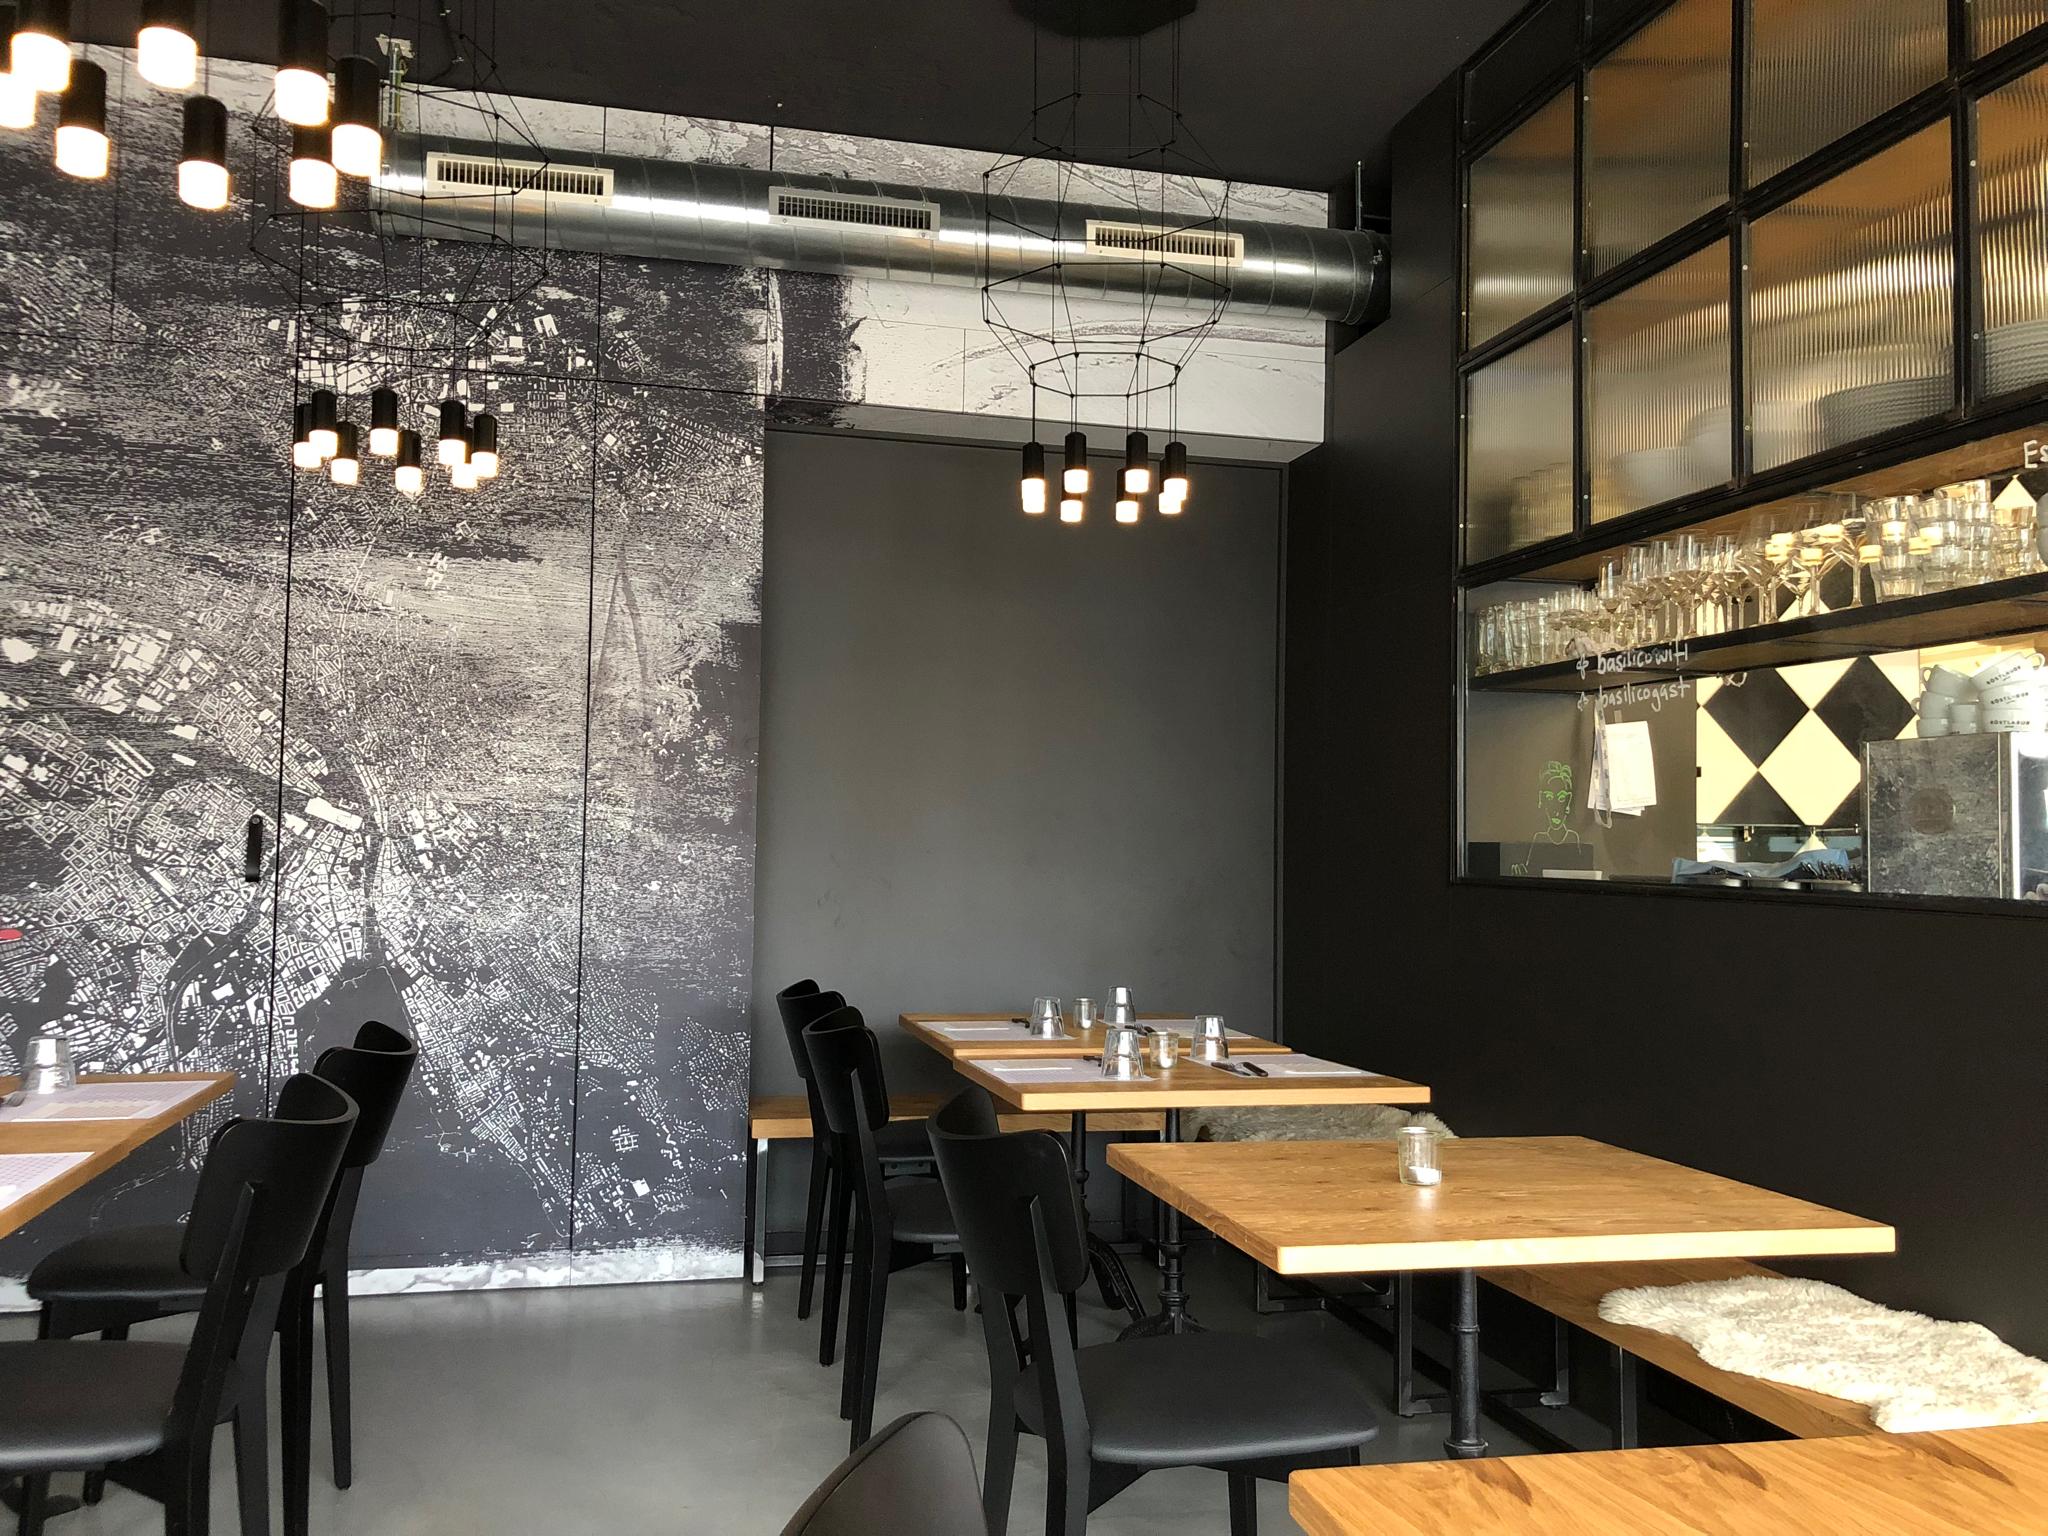 Pizzeria_Restaurant_Innenarchitekt_Innen & Architektur_Studer.jpg